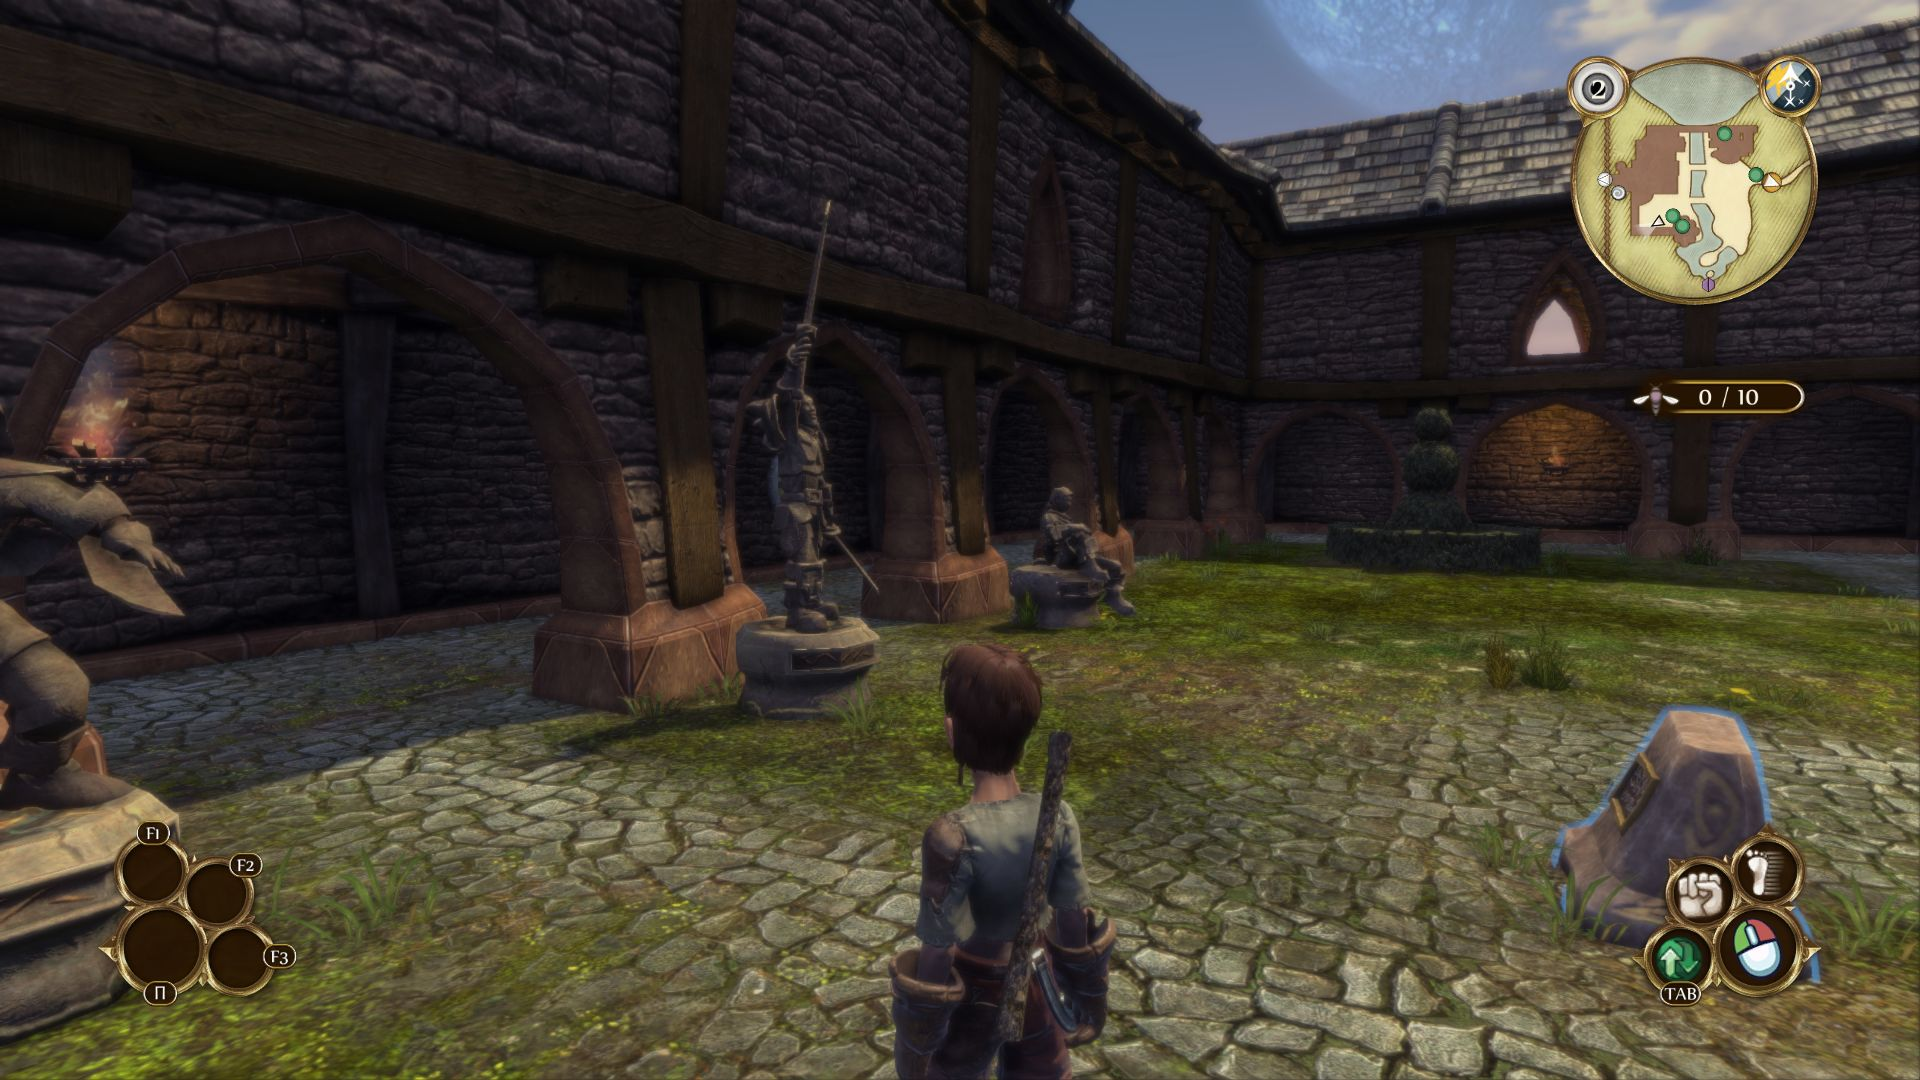 рпг игры выпущенные в 2010 году